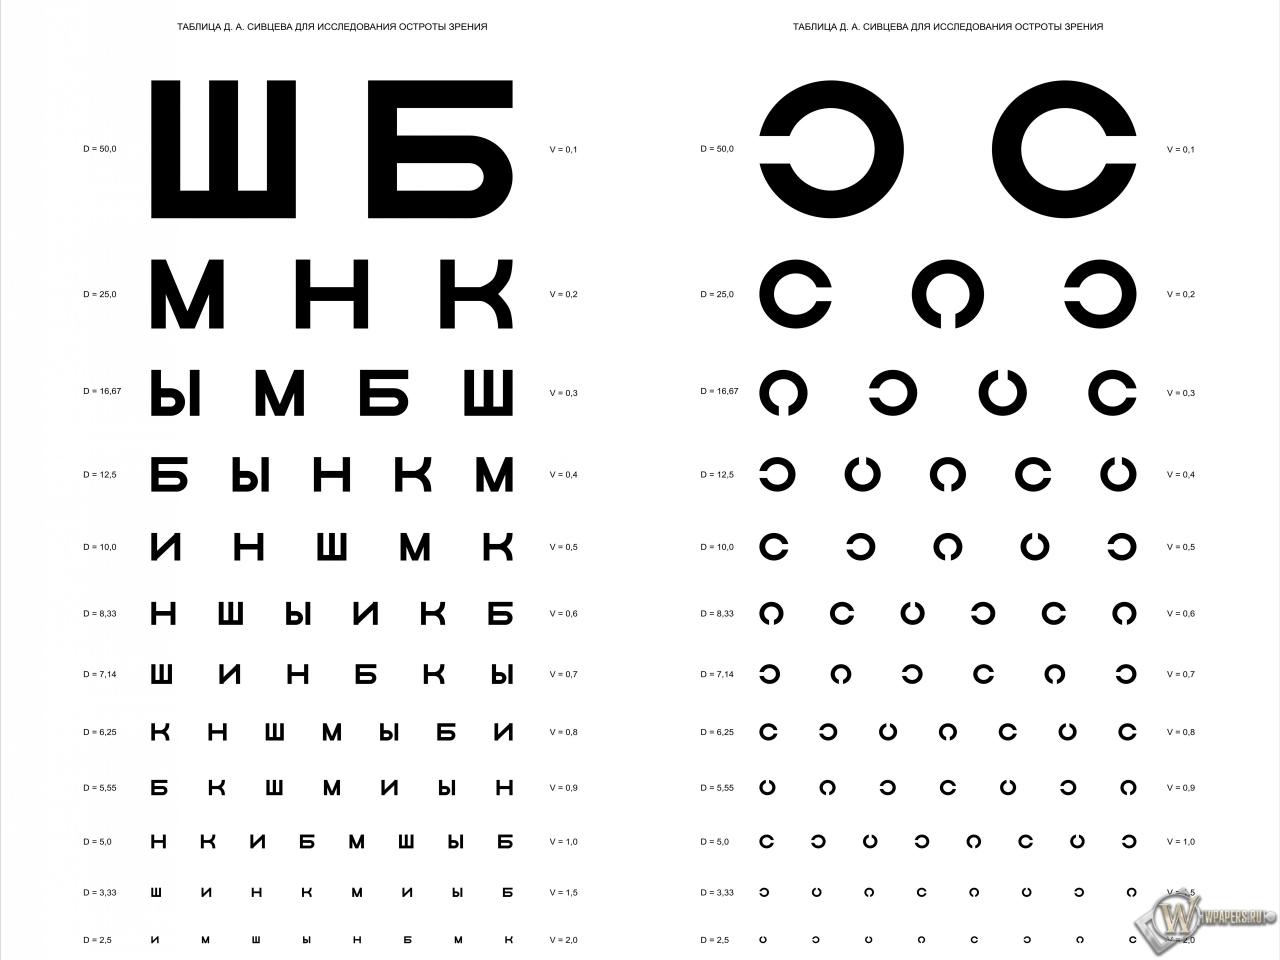 Таблица Д.А. Сивцева для проверки зрения 1280x960